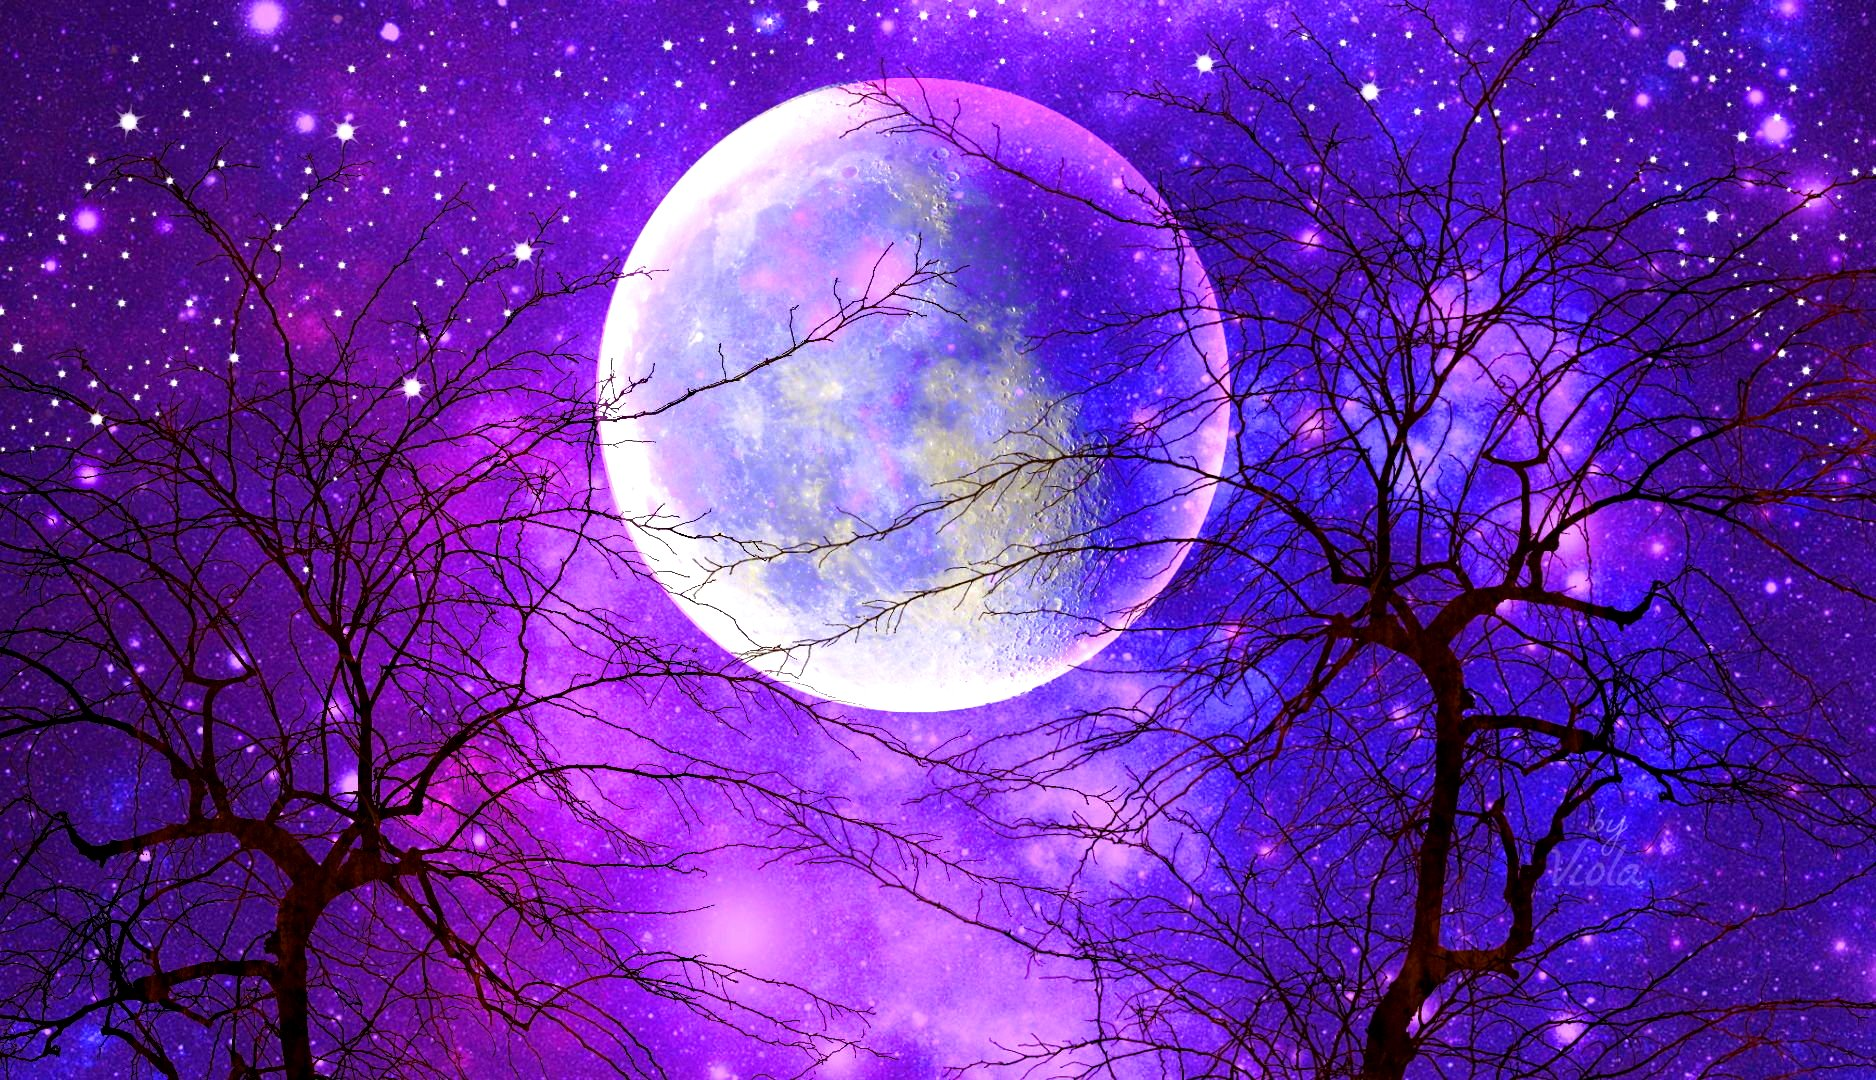 Тему, картинки луна и звезды красивые